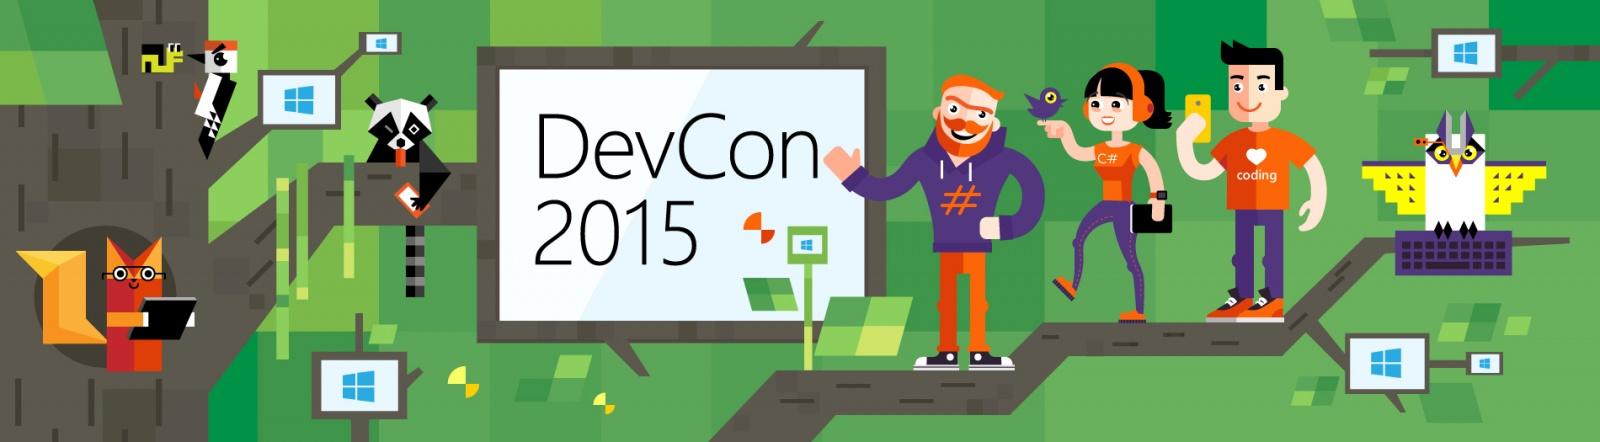 DevCon 2015: анонс третьей волны докладчиков конференции - 1